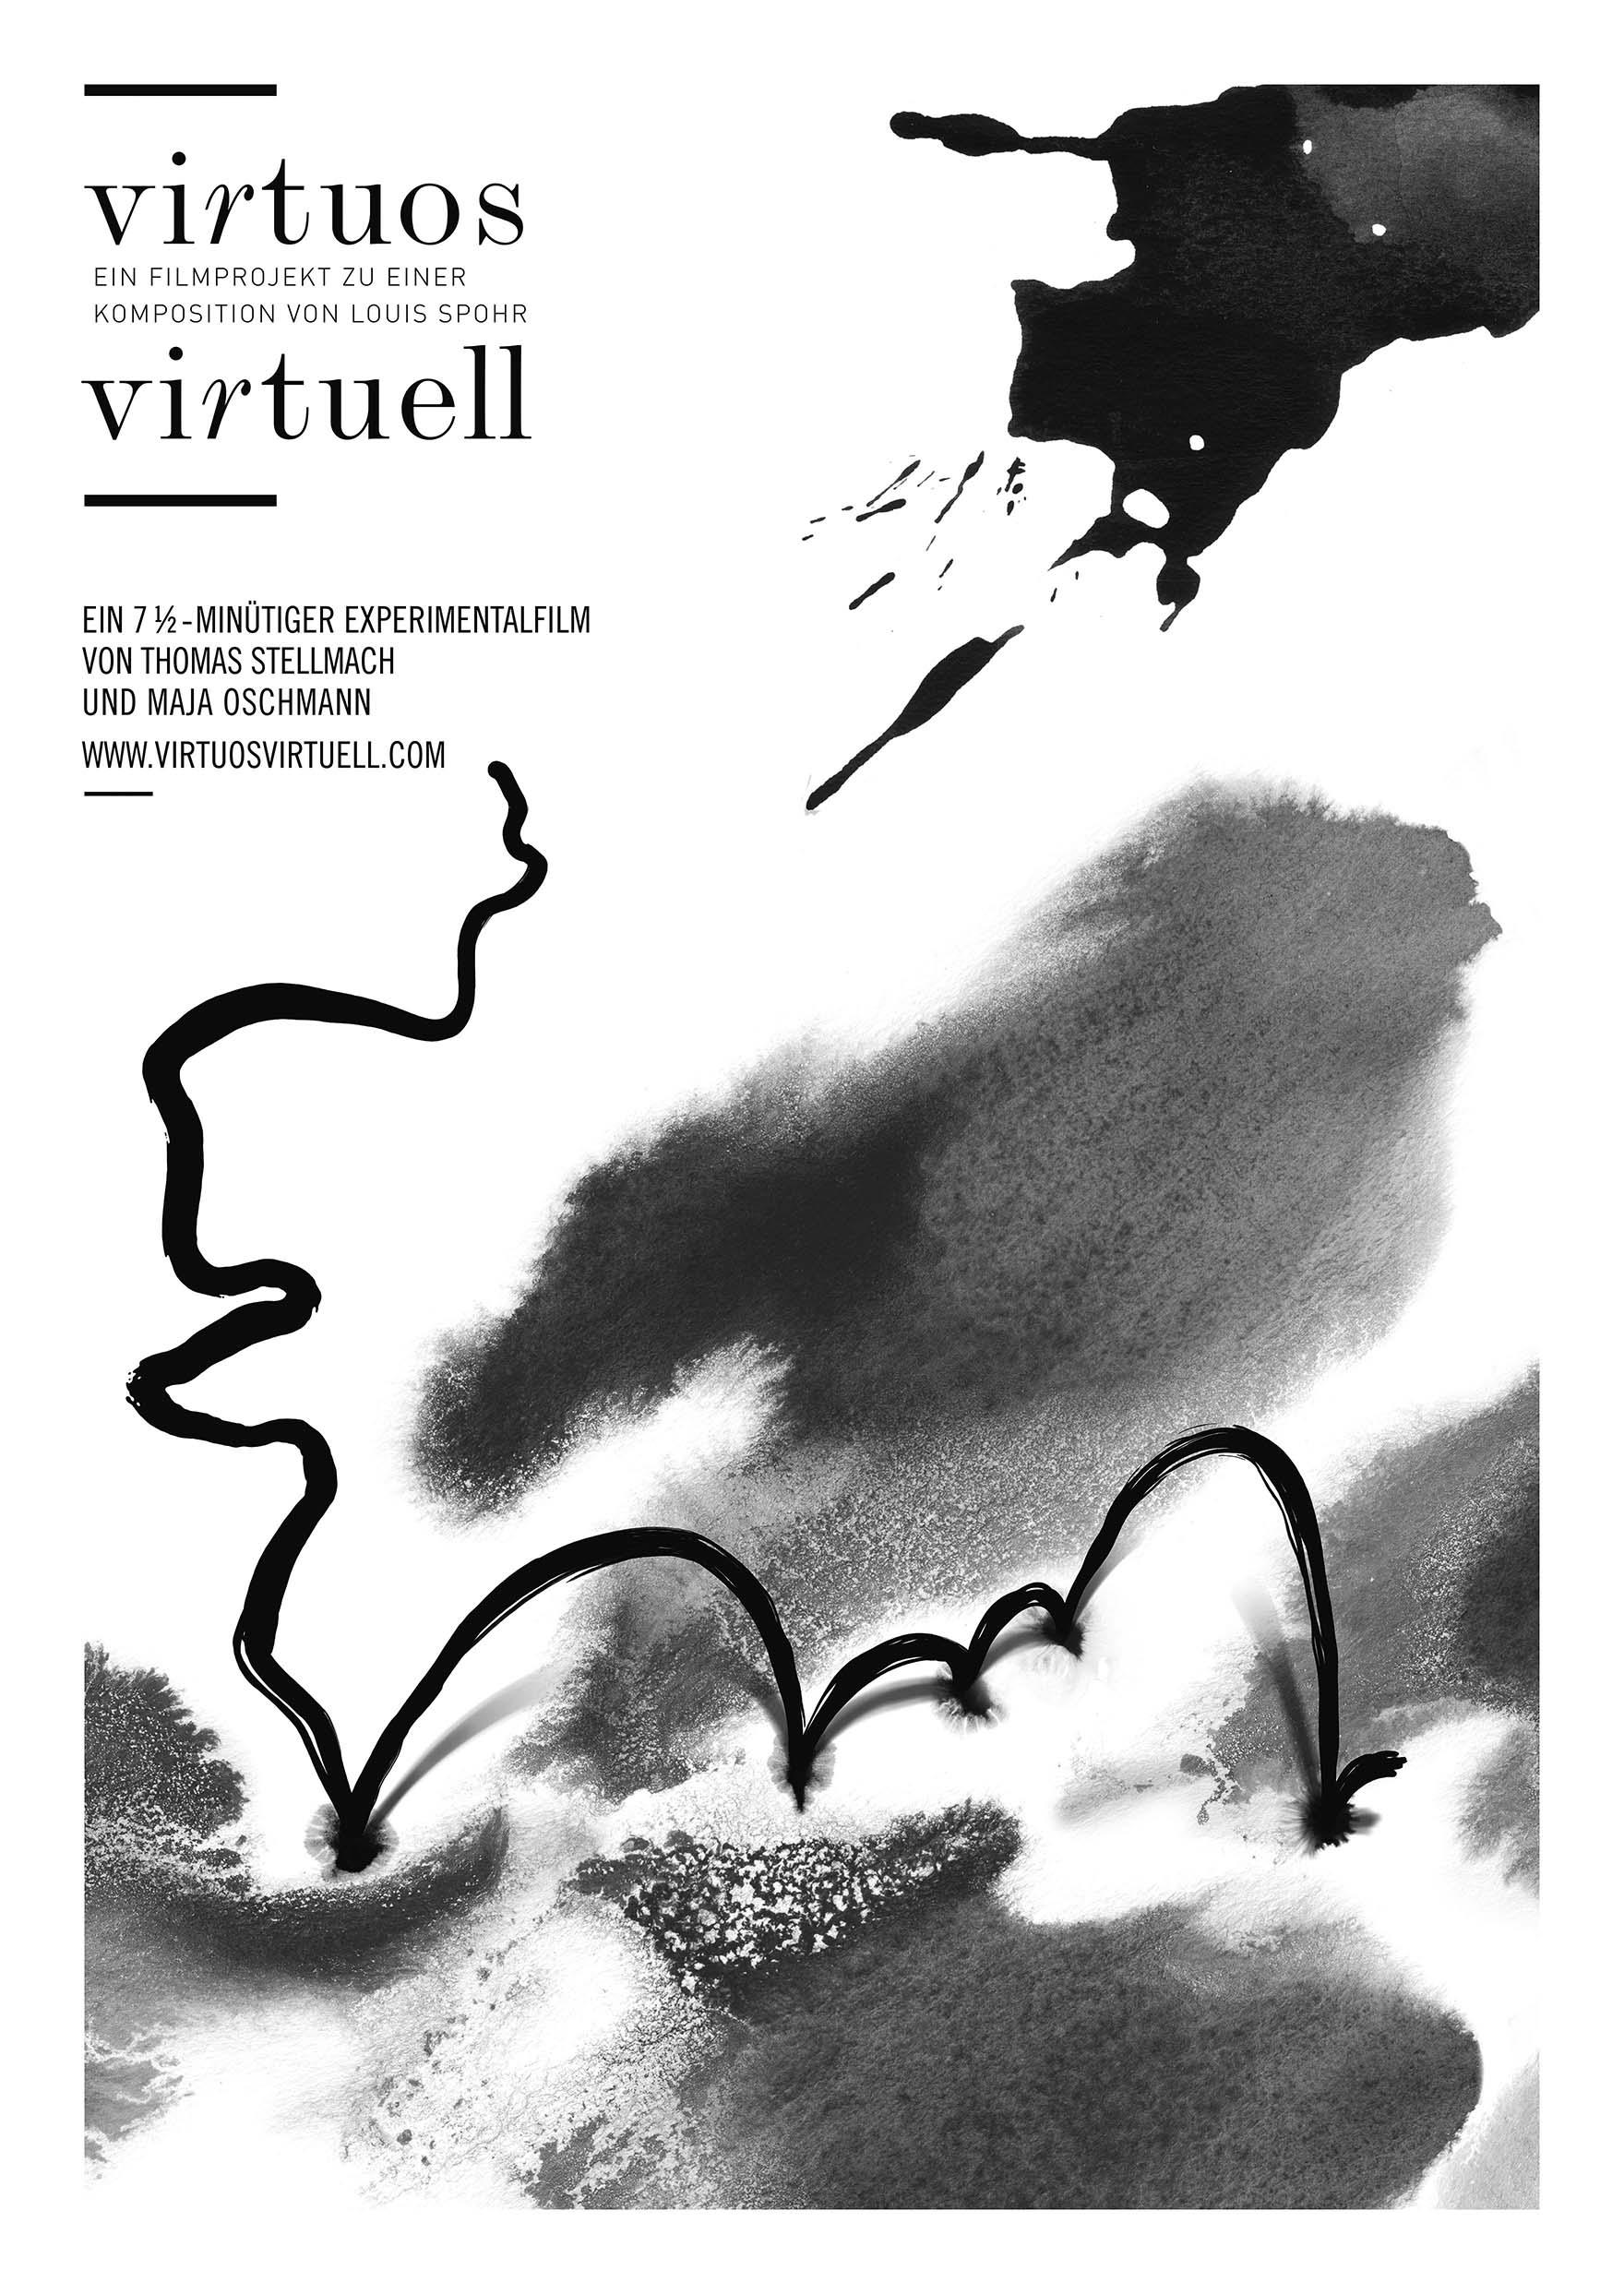 Virtuos Virtuell V012_Filmplakat_RZ_2602_ohne_Schnittmarken 1760x2486.jpg